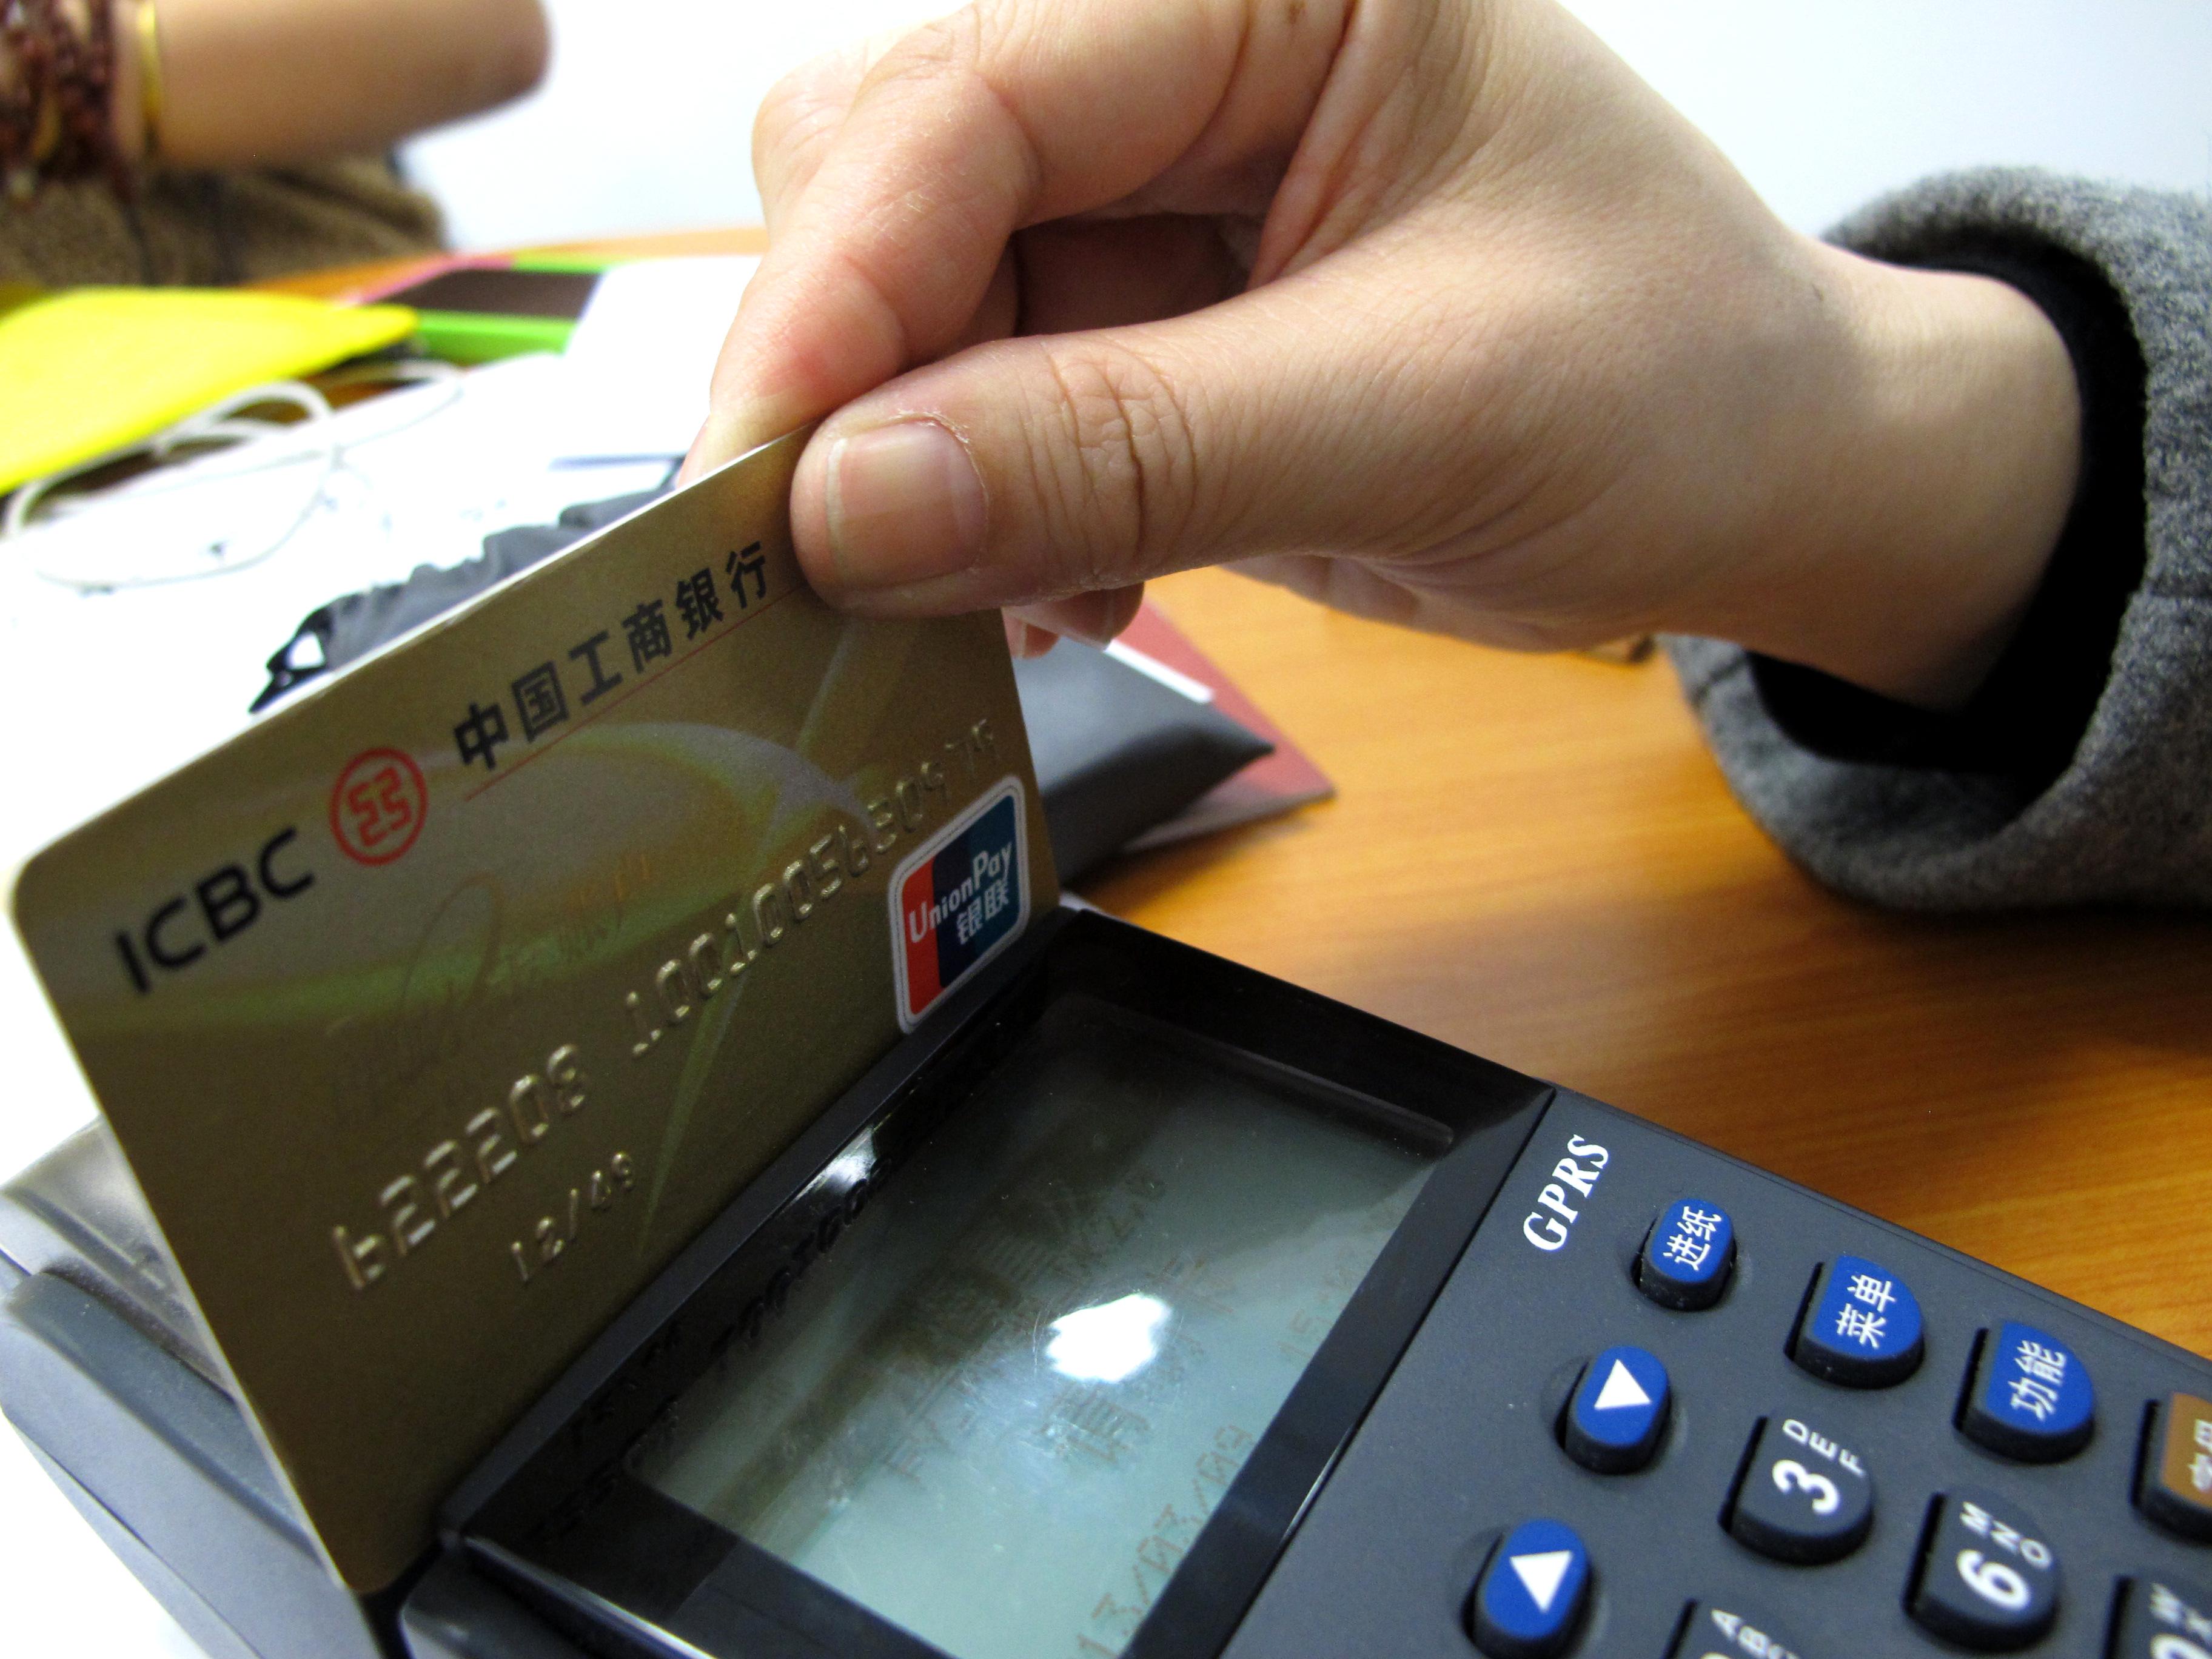 『美元取現』持有信用卡8年,竟然還會犯這9個錯誤,中槍的盡快更正!